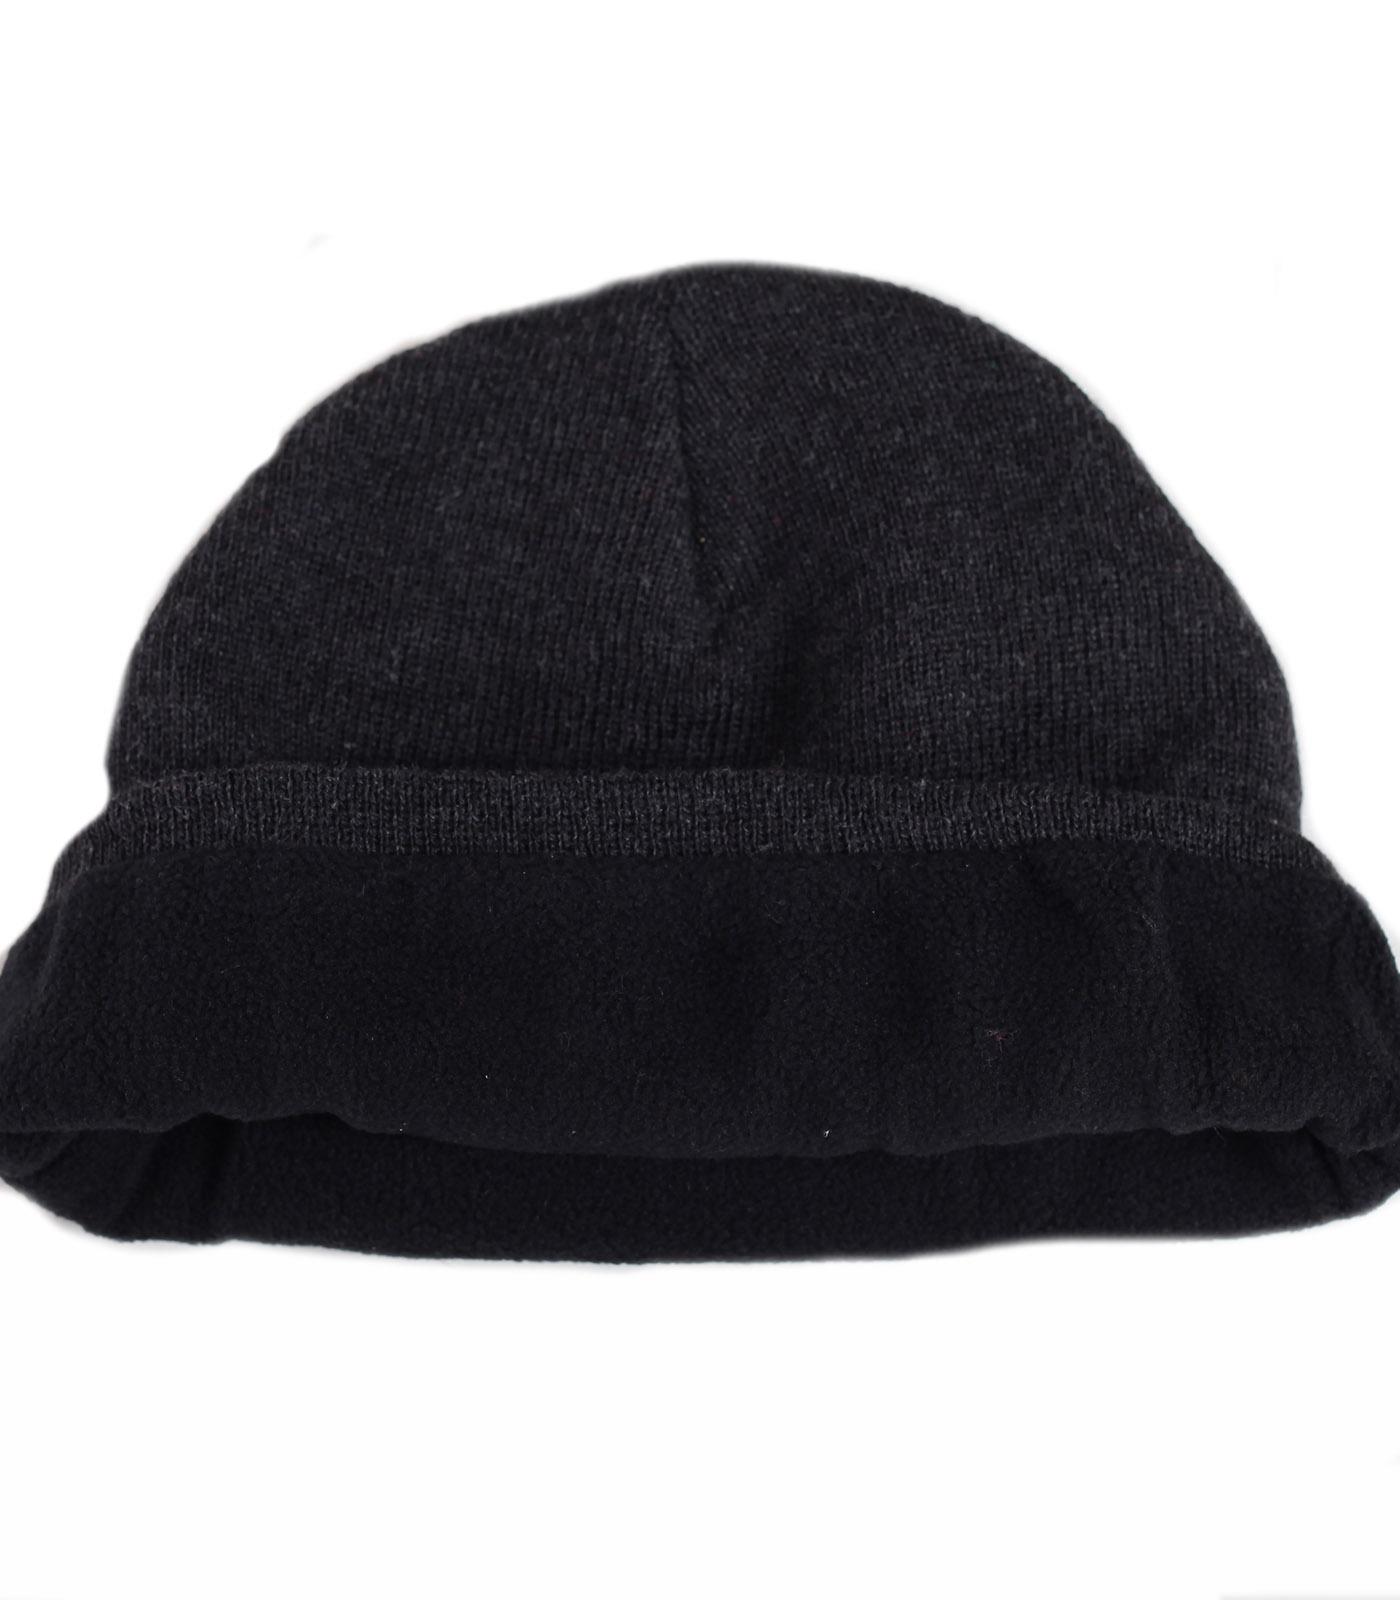 Заказать неприхотливую зимнюю мужскую шапку с лаконичной вышивкой с флисом по низкой цене